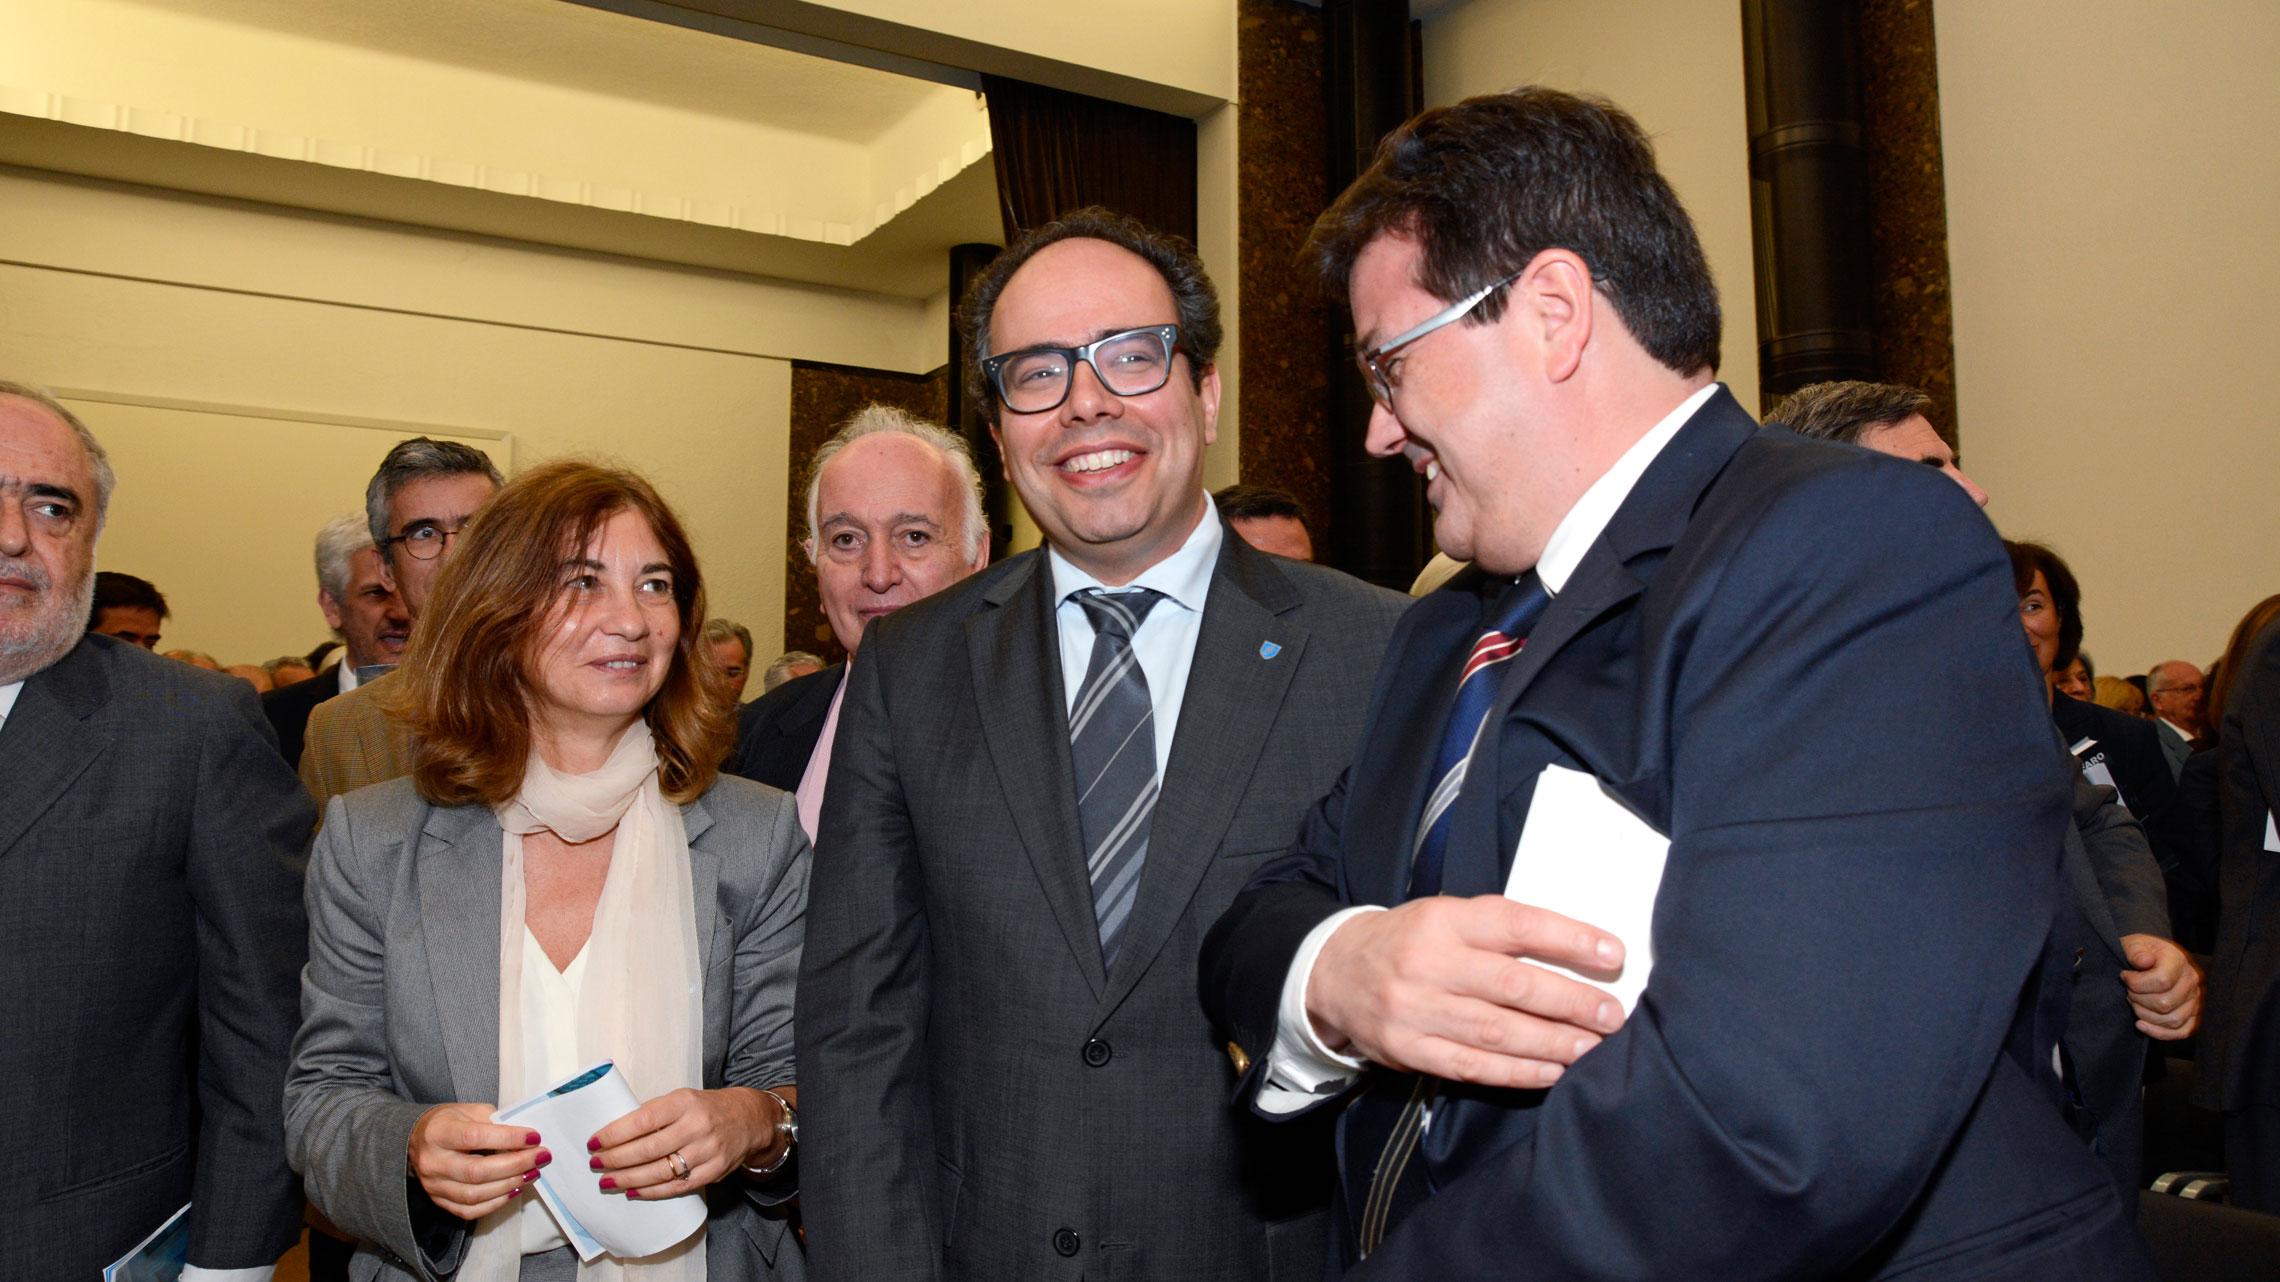 Professor Luís Oliveira e Silva condecorado pelo Presidente da República